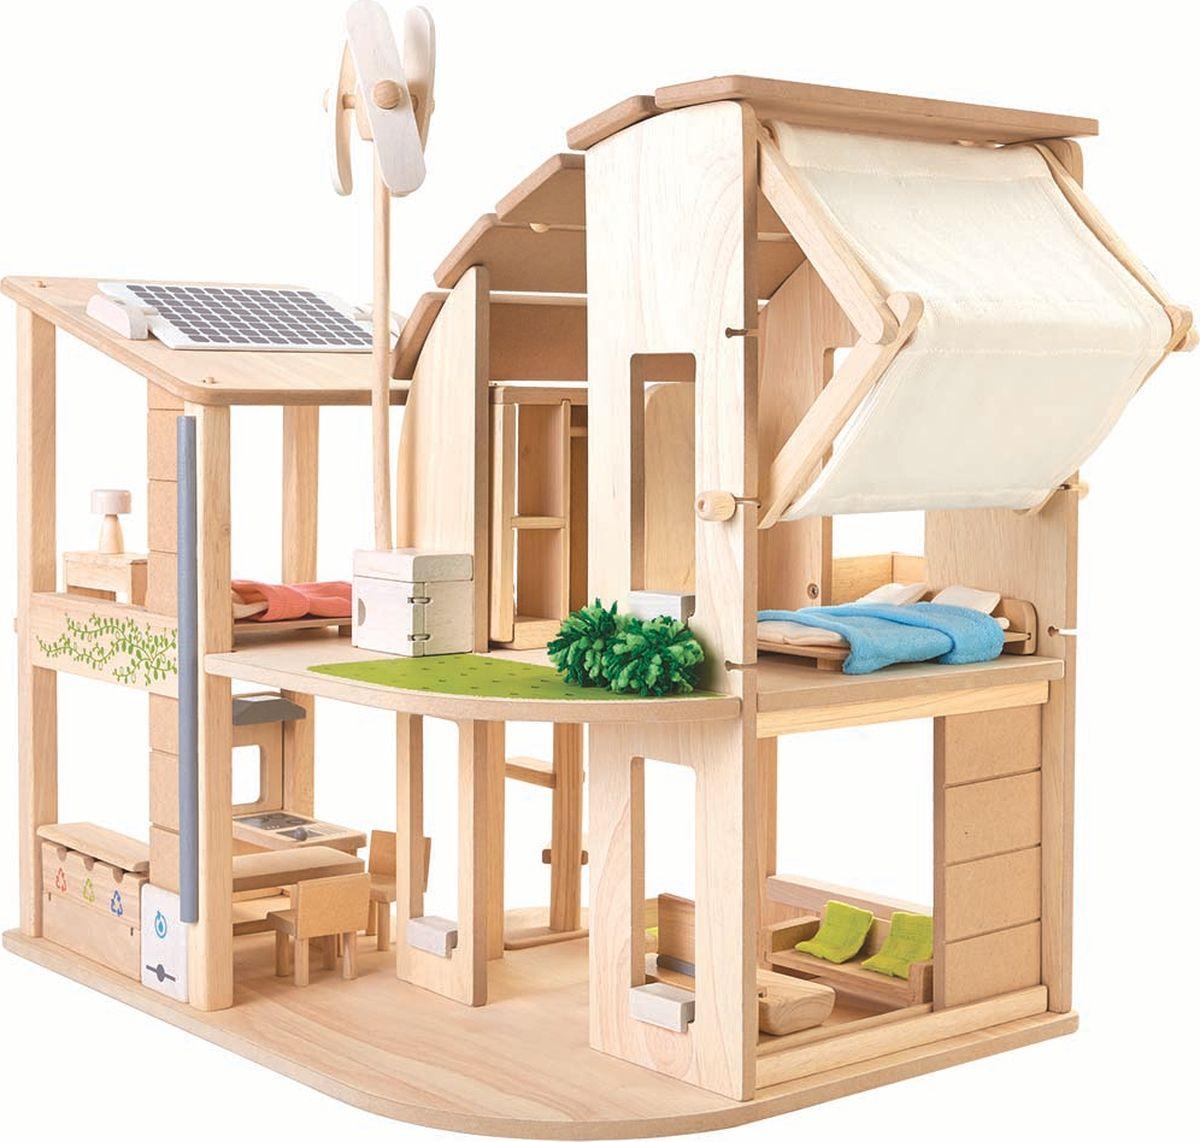 Plan Toys Дом для кукол Эко с аксессуарами дом кукольный из дерева